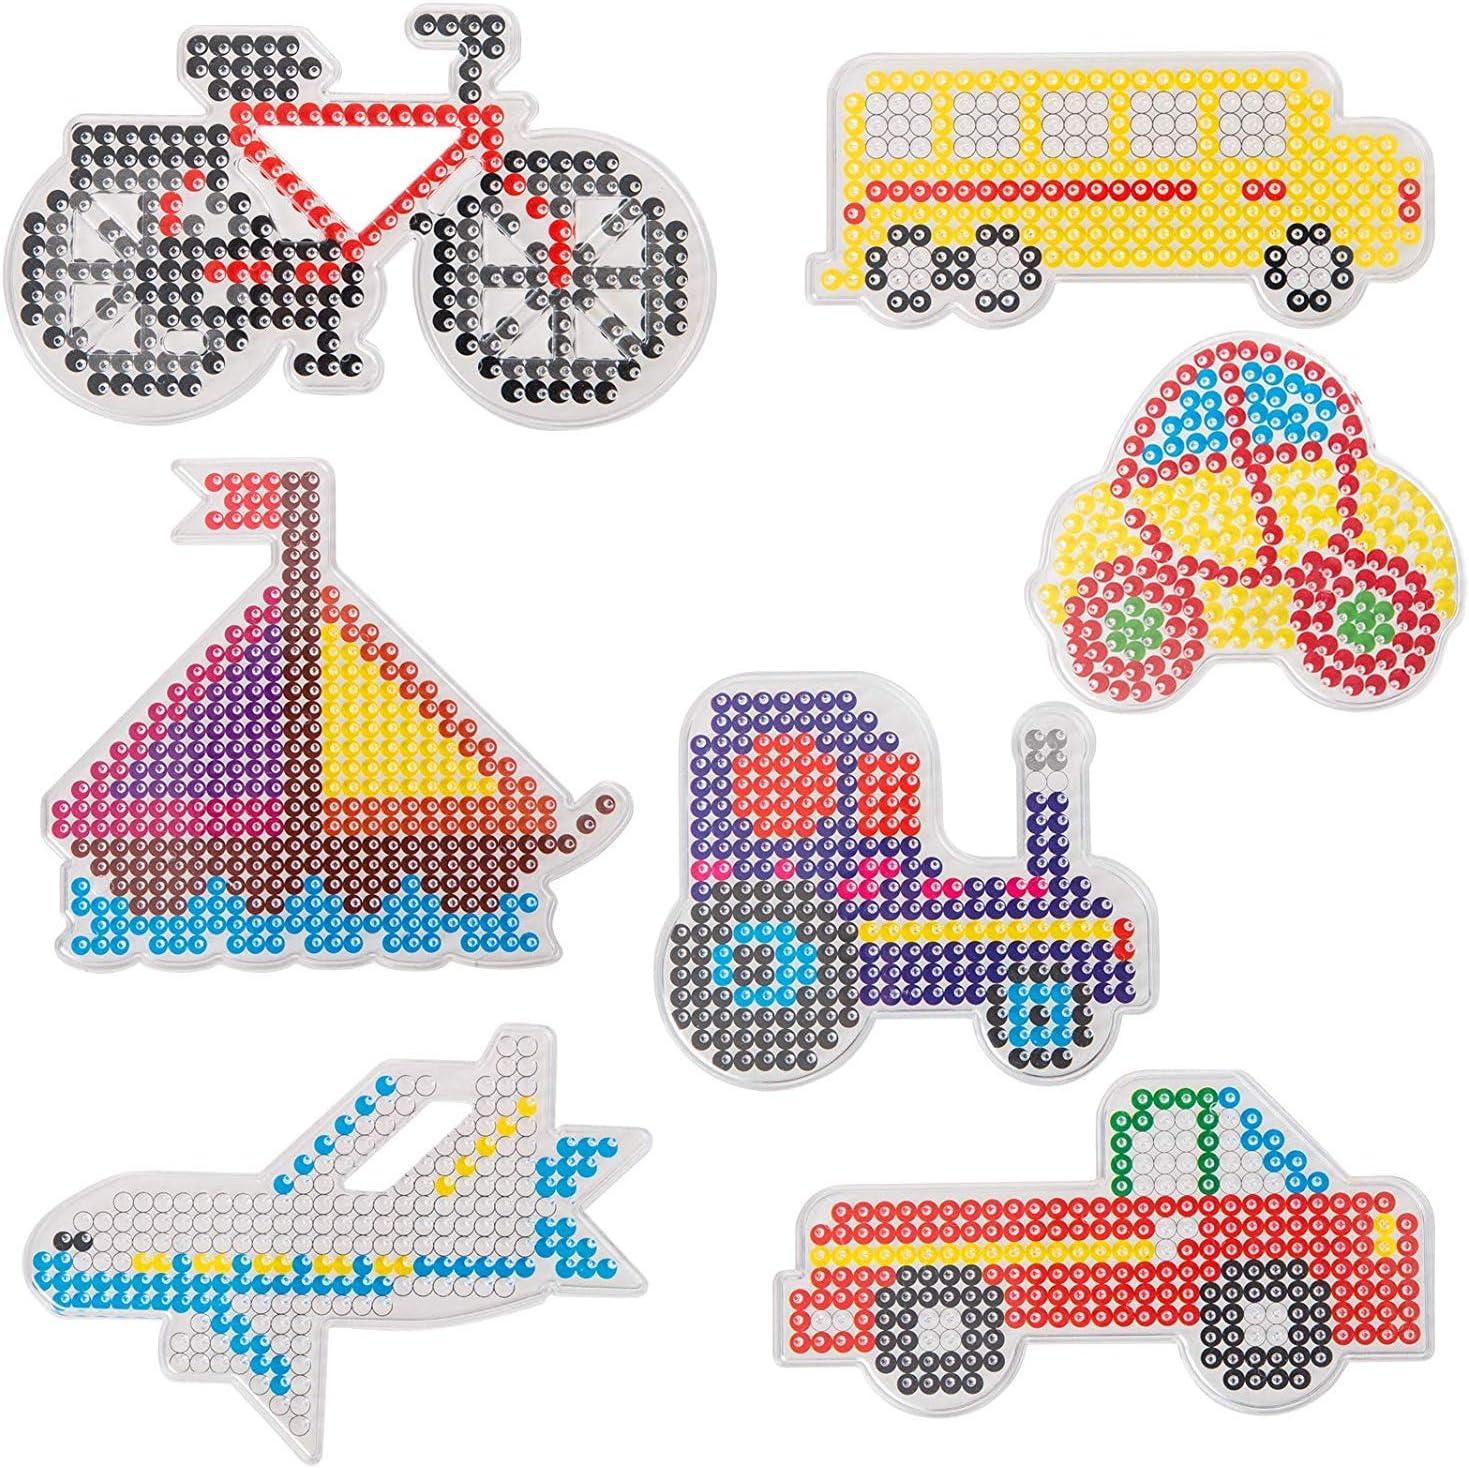 MEHRWEG QIXINHANG LIHAO 7X B/ügelperlen Stiftplatten Transparent Verkehrsmittel Steckplatten mit bunten Pappvorlagen